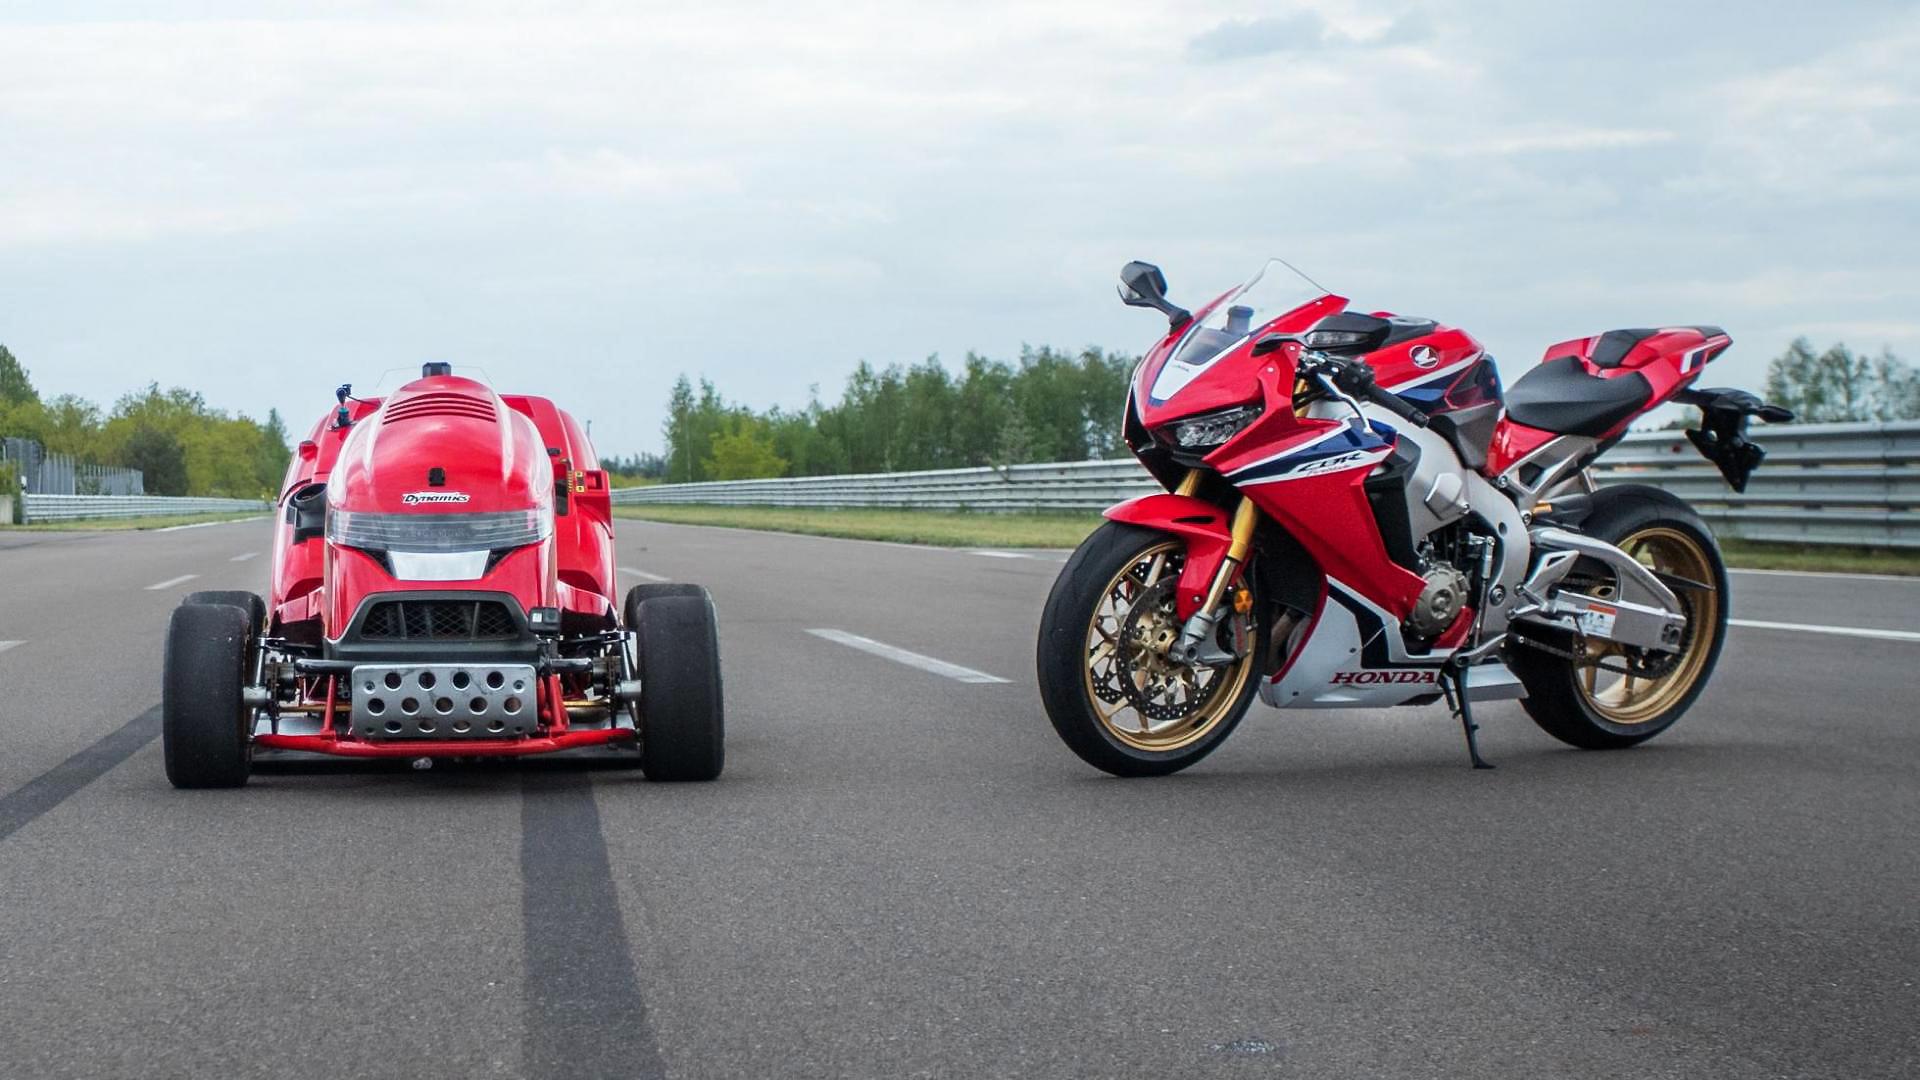 Honda Mean Mower V2 - Fireblade CBR1000RR